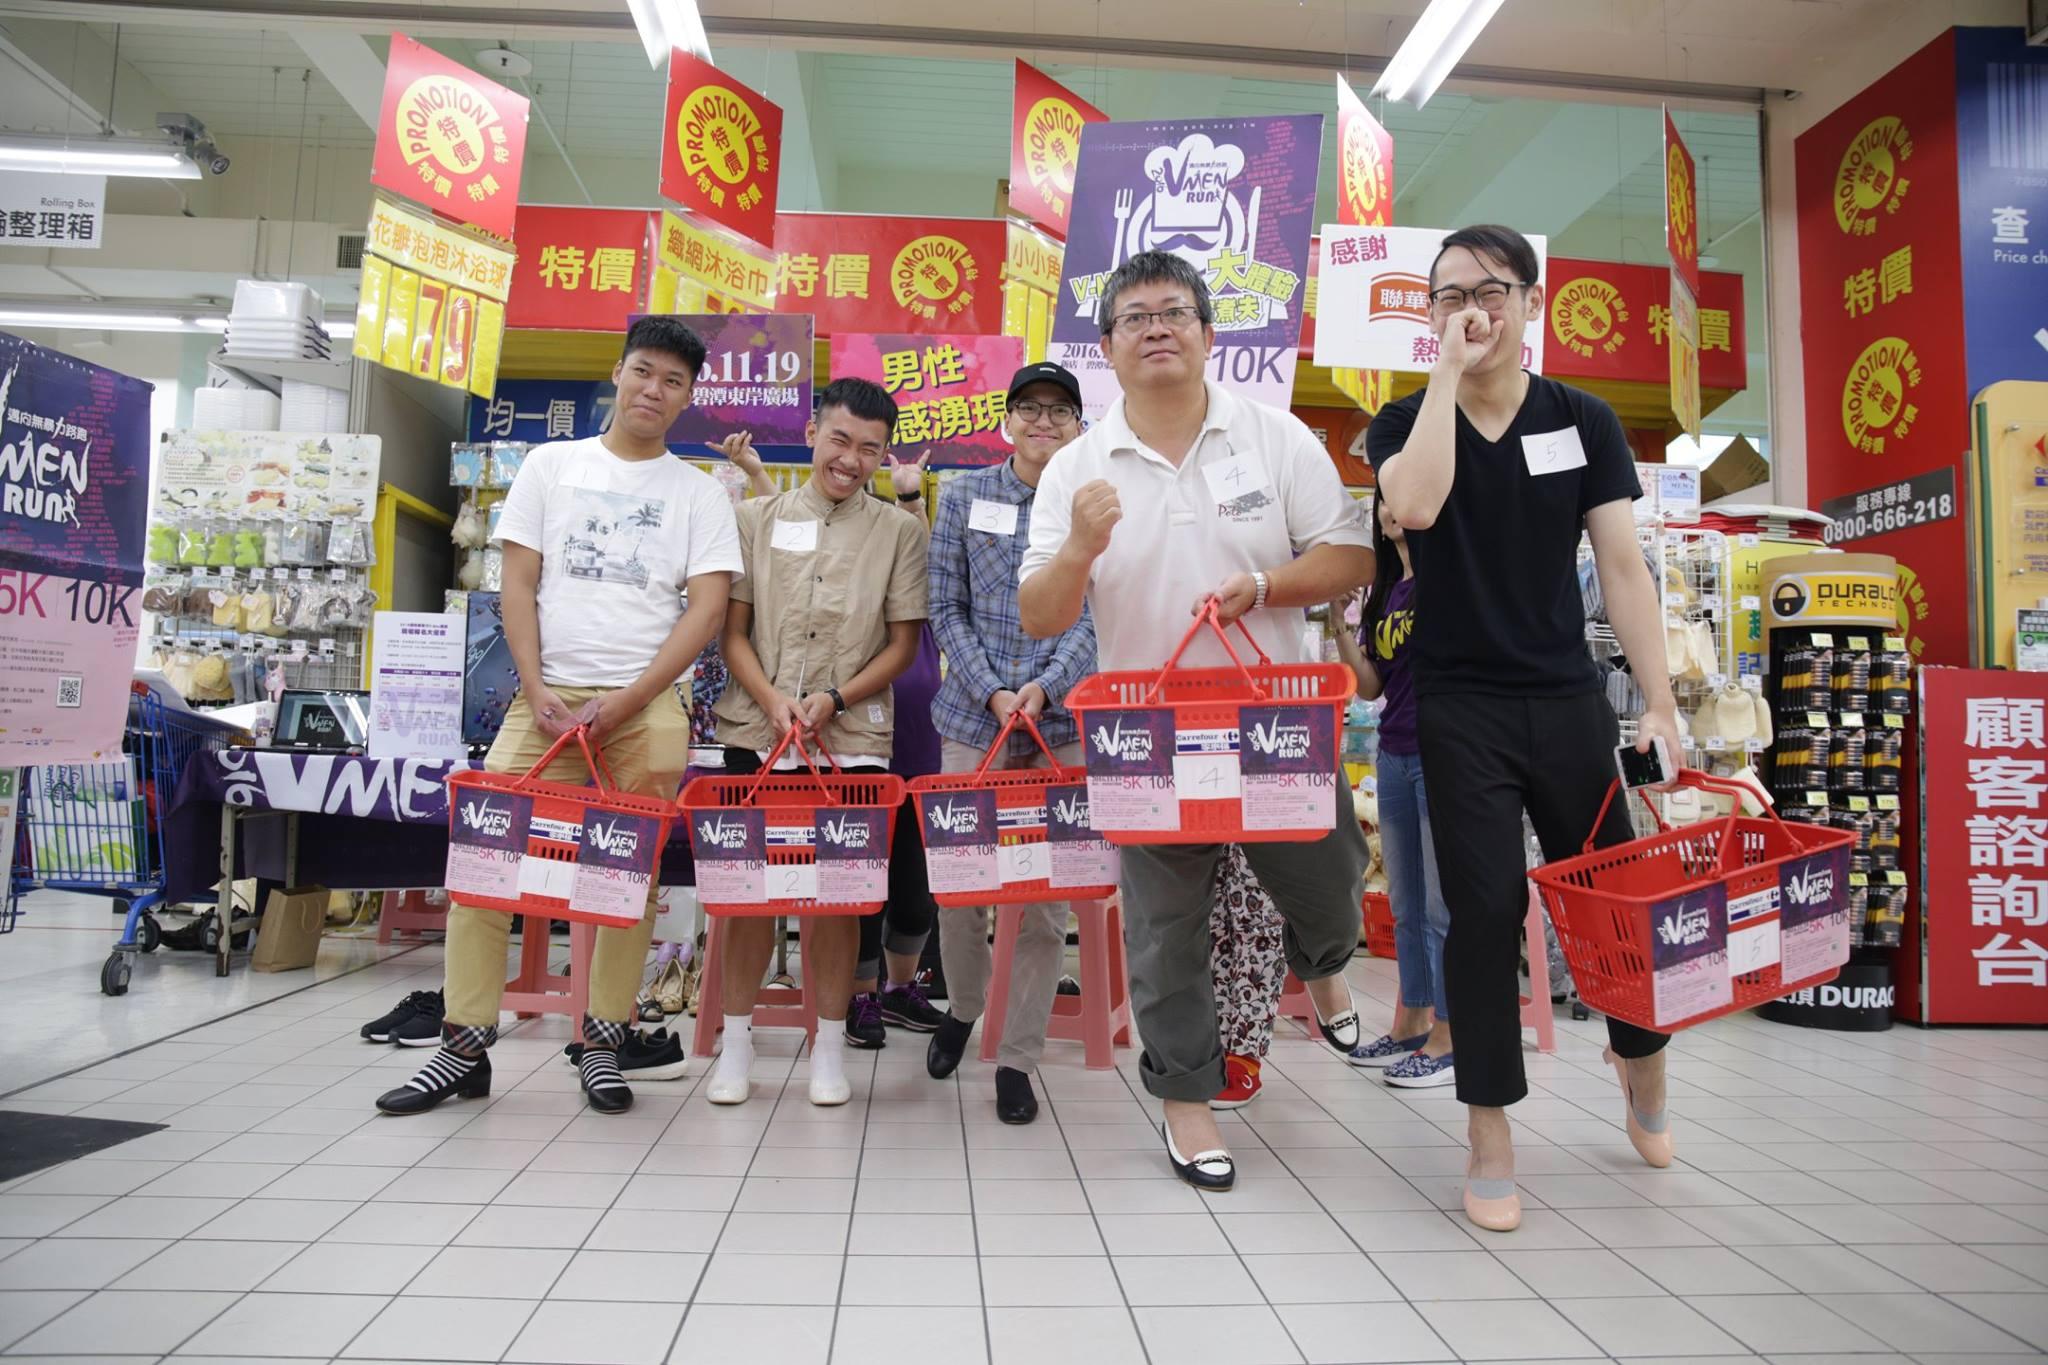 家庭煮夫活動開始 攝影/劉羽恒